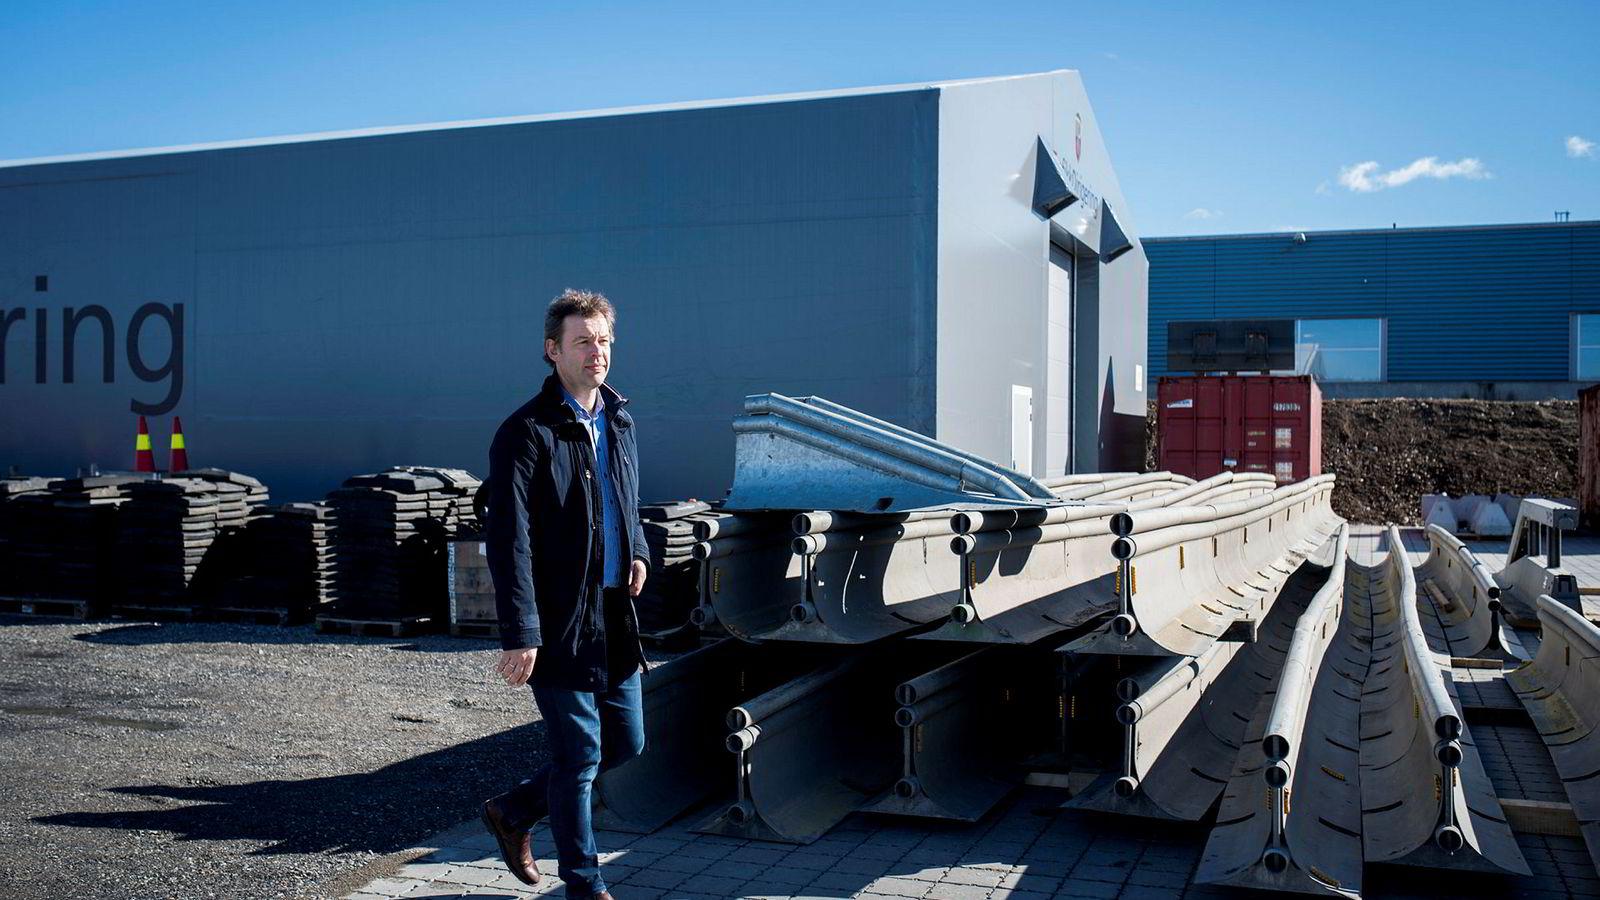 – Veksten er organisk, sier administrerende direktør Lars Dalgaard i Hallgruppen. Her er han foran en av plasthallene selskapet har produsert.